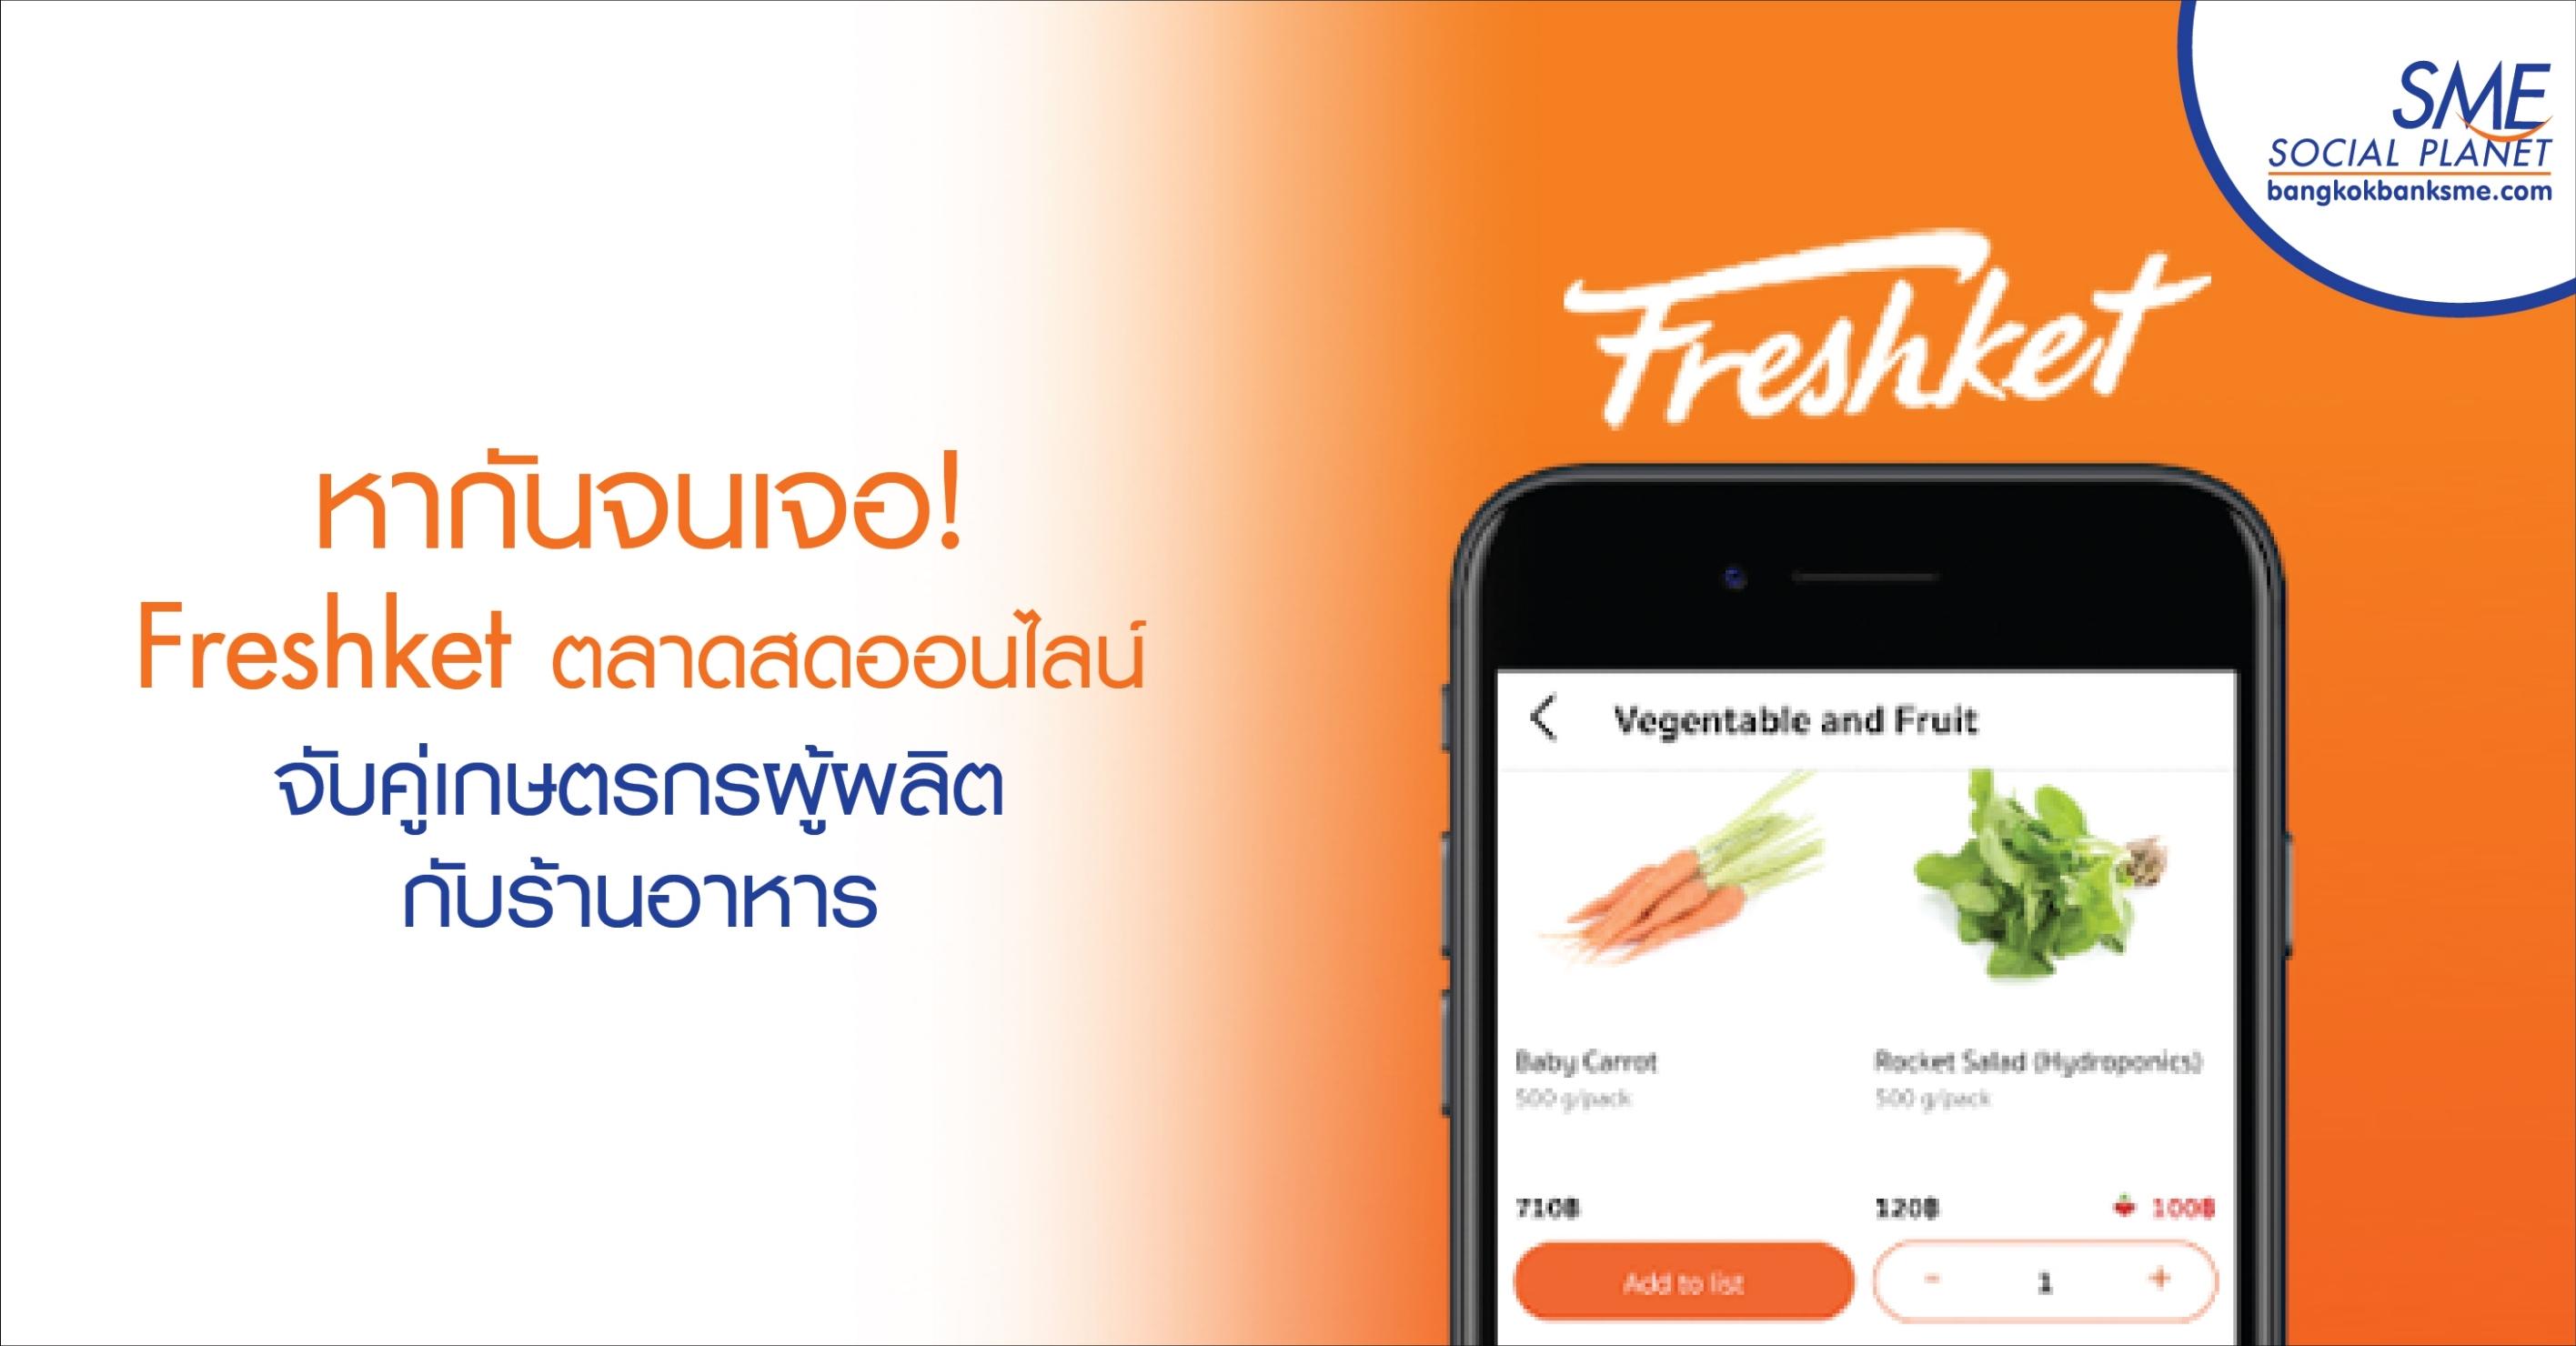 หากันจนเจอ! Freshket ตลาดสดออนไลน์จับคู่เกษตรกรผู้ผลิตกับร้านอาหาร